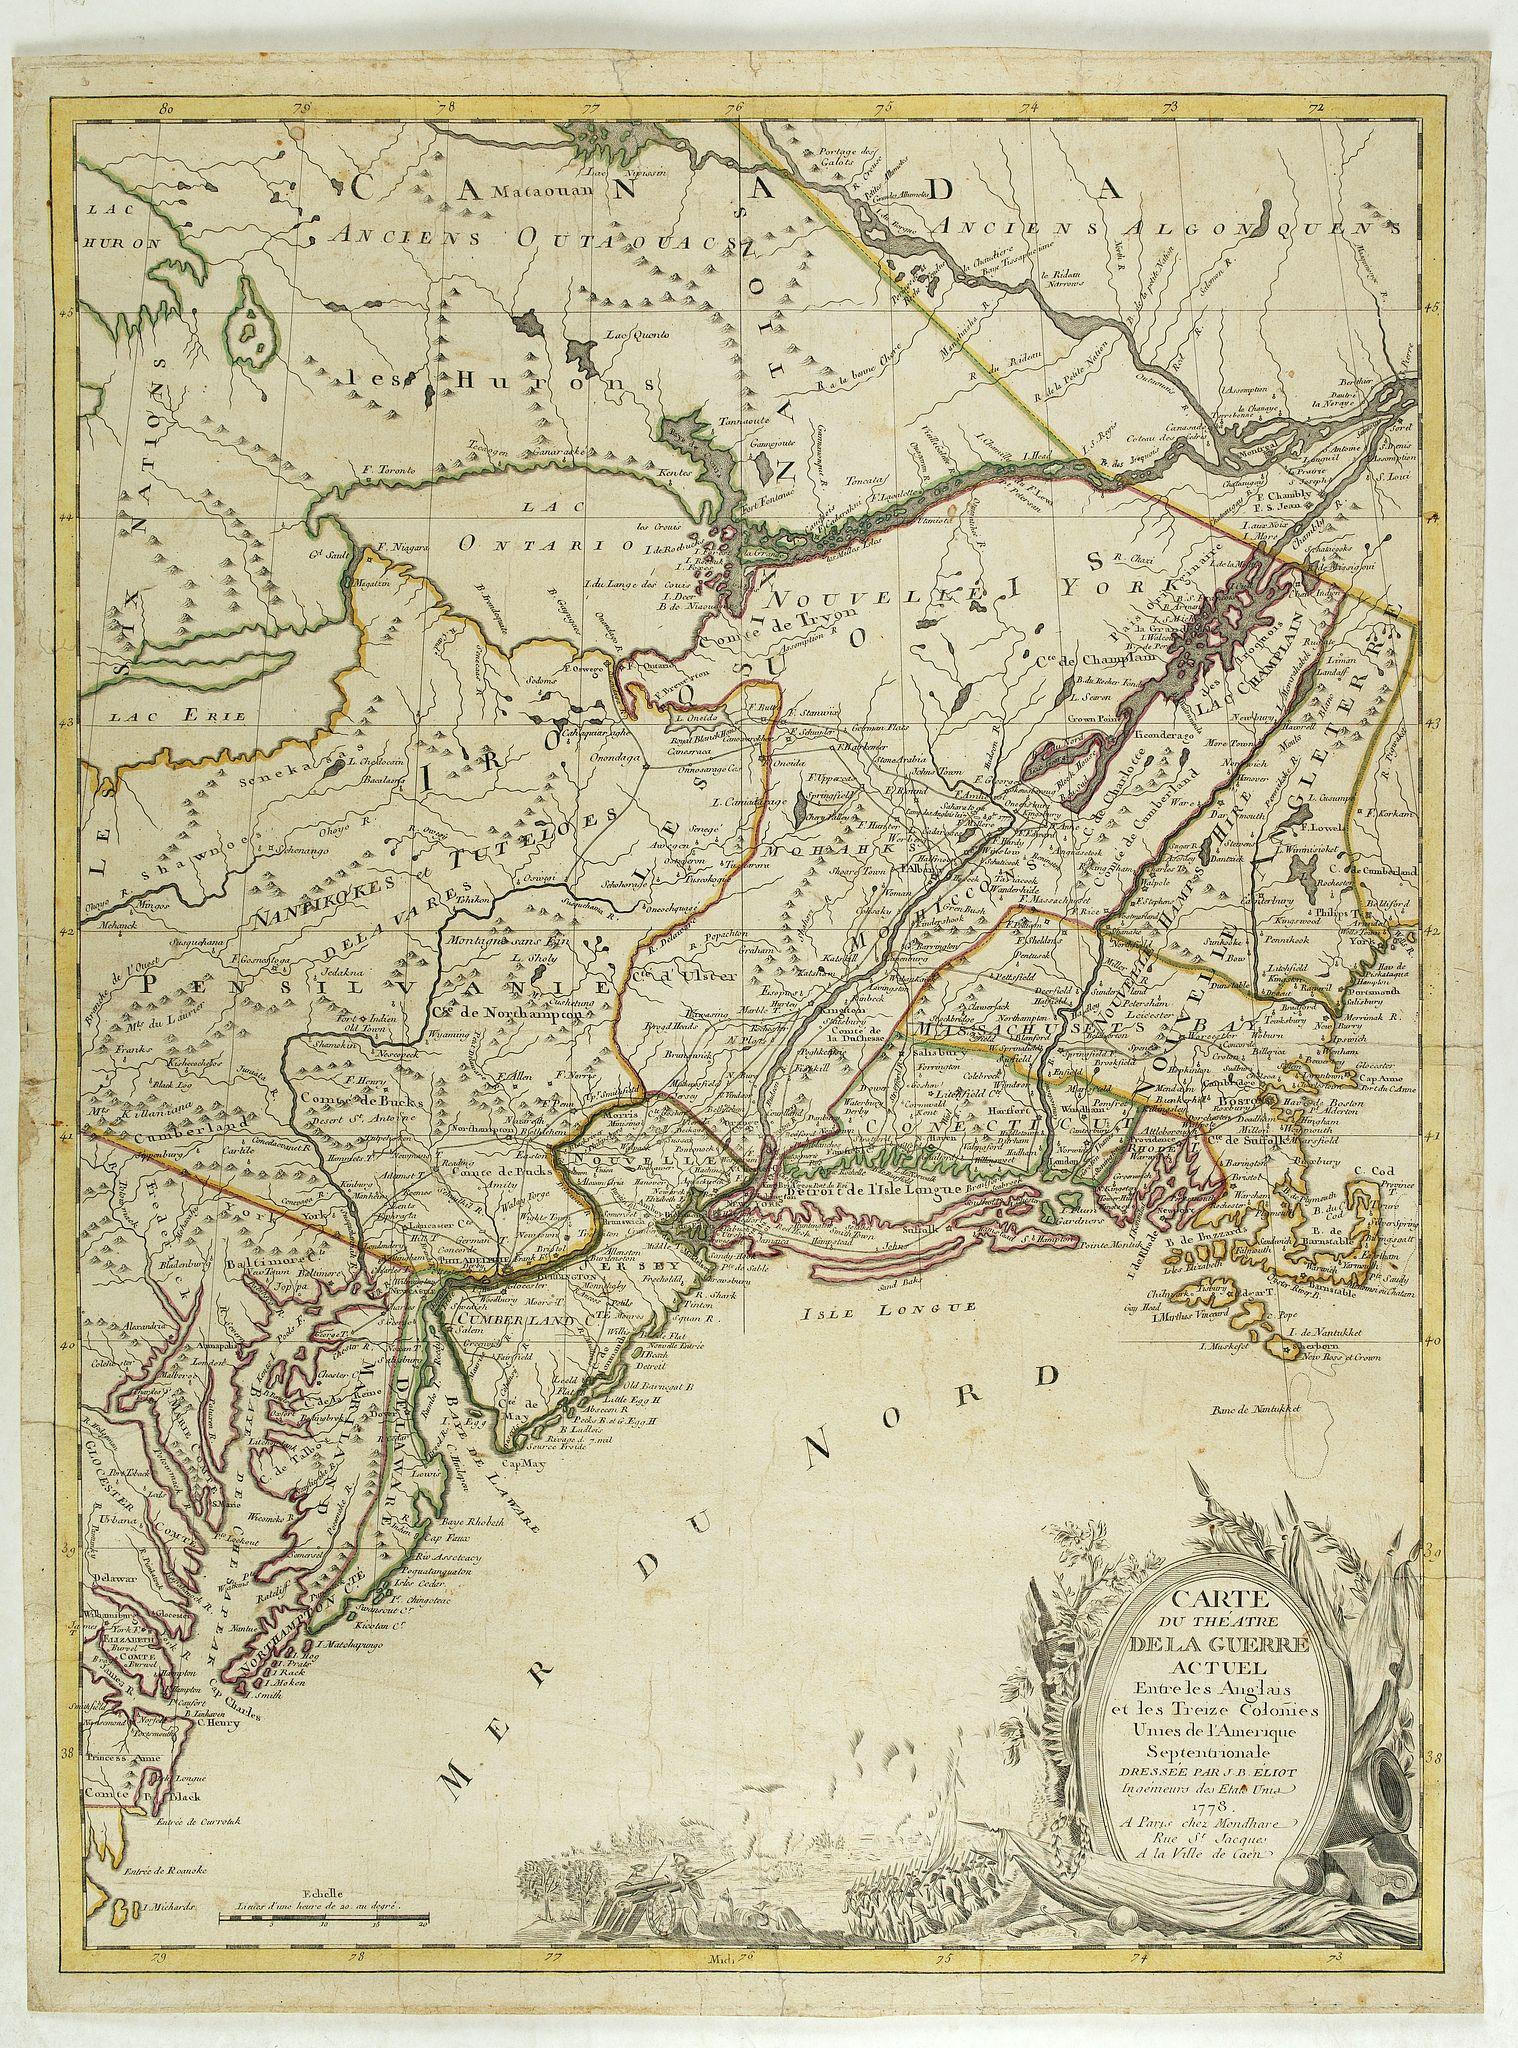 ELIOT, J.B. -  Carte du Theatre de la Guerre actuel entre les Anglais et les Trieze Colonies Unies de l'Amerique Septentrionale dresse par J.B. Eliot